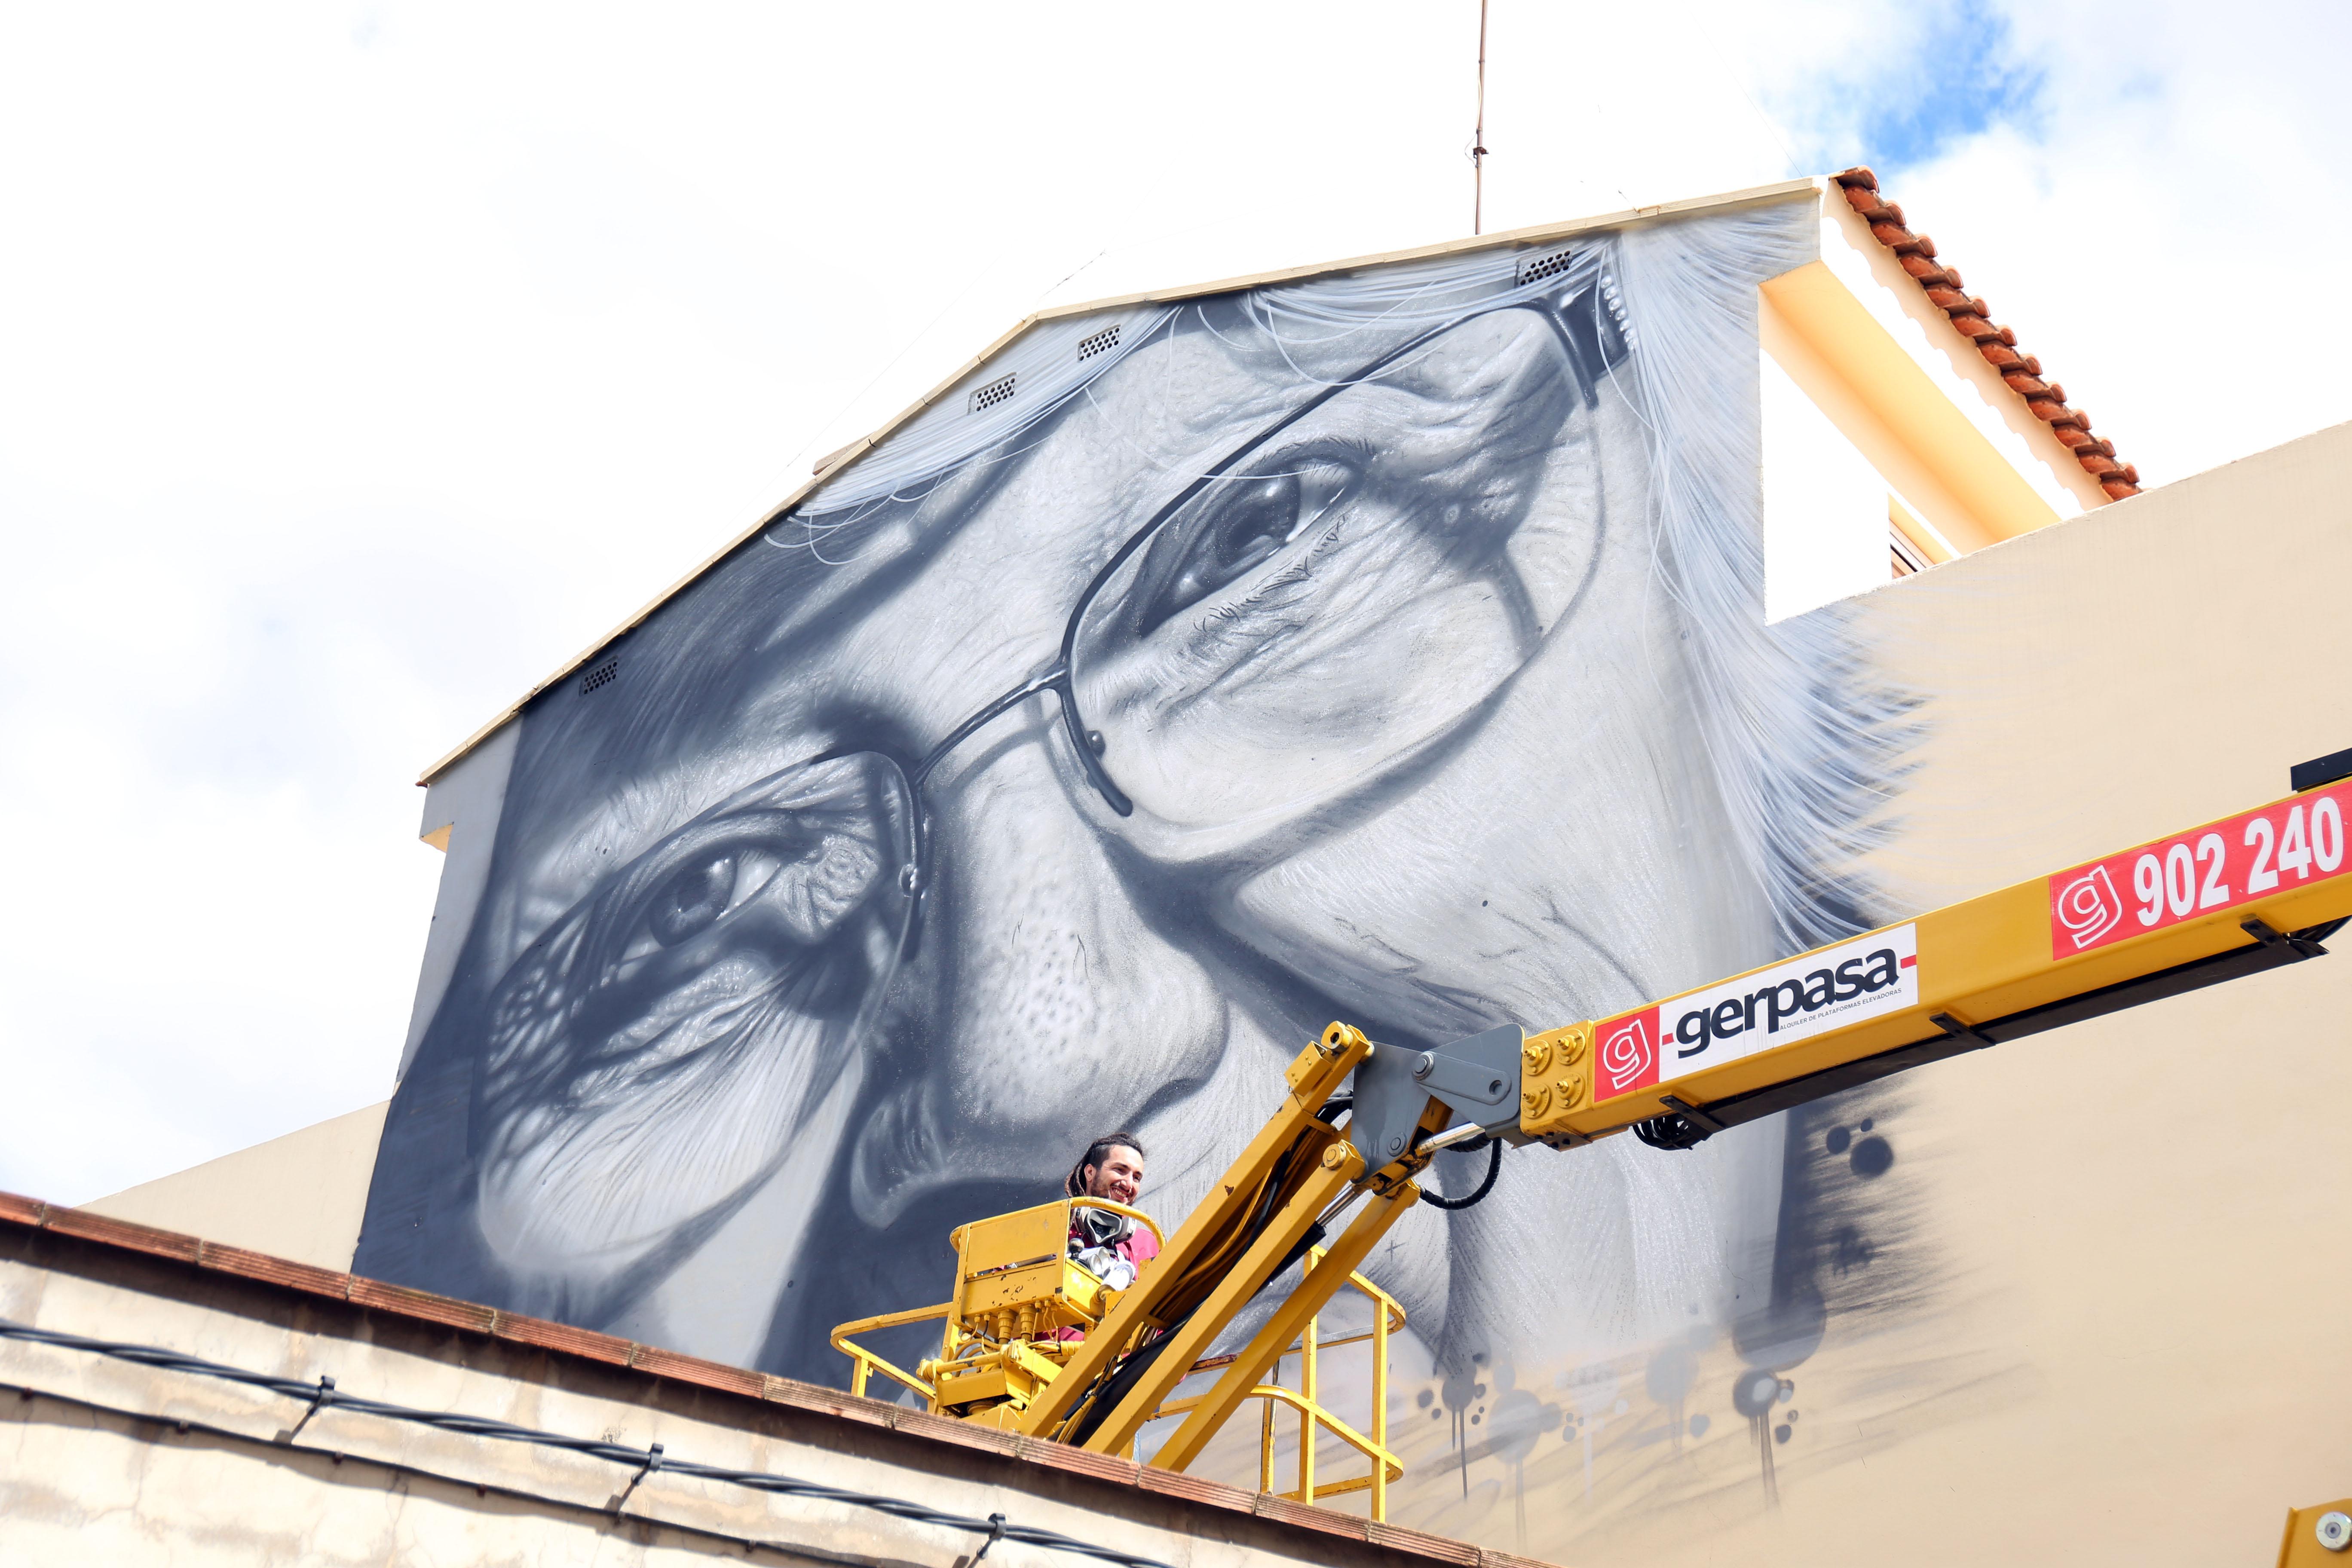 Cheste consolida su apoyo al arte urbano con la cuarta edición de Graffitea.